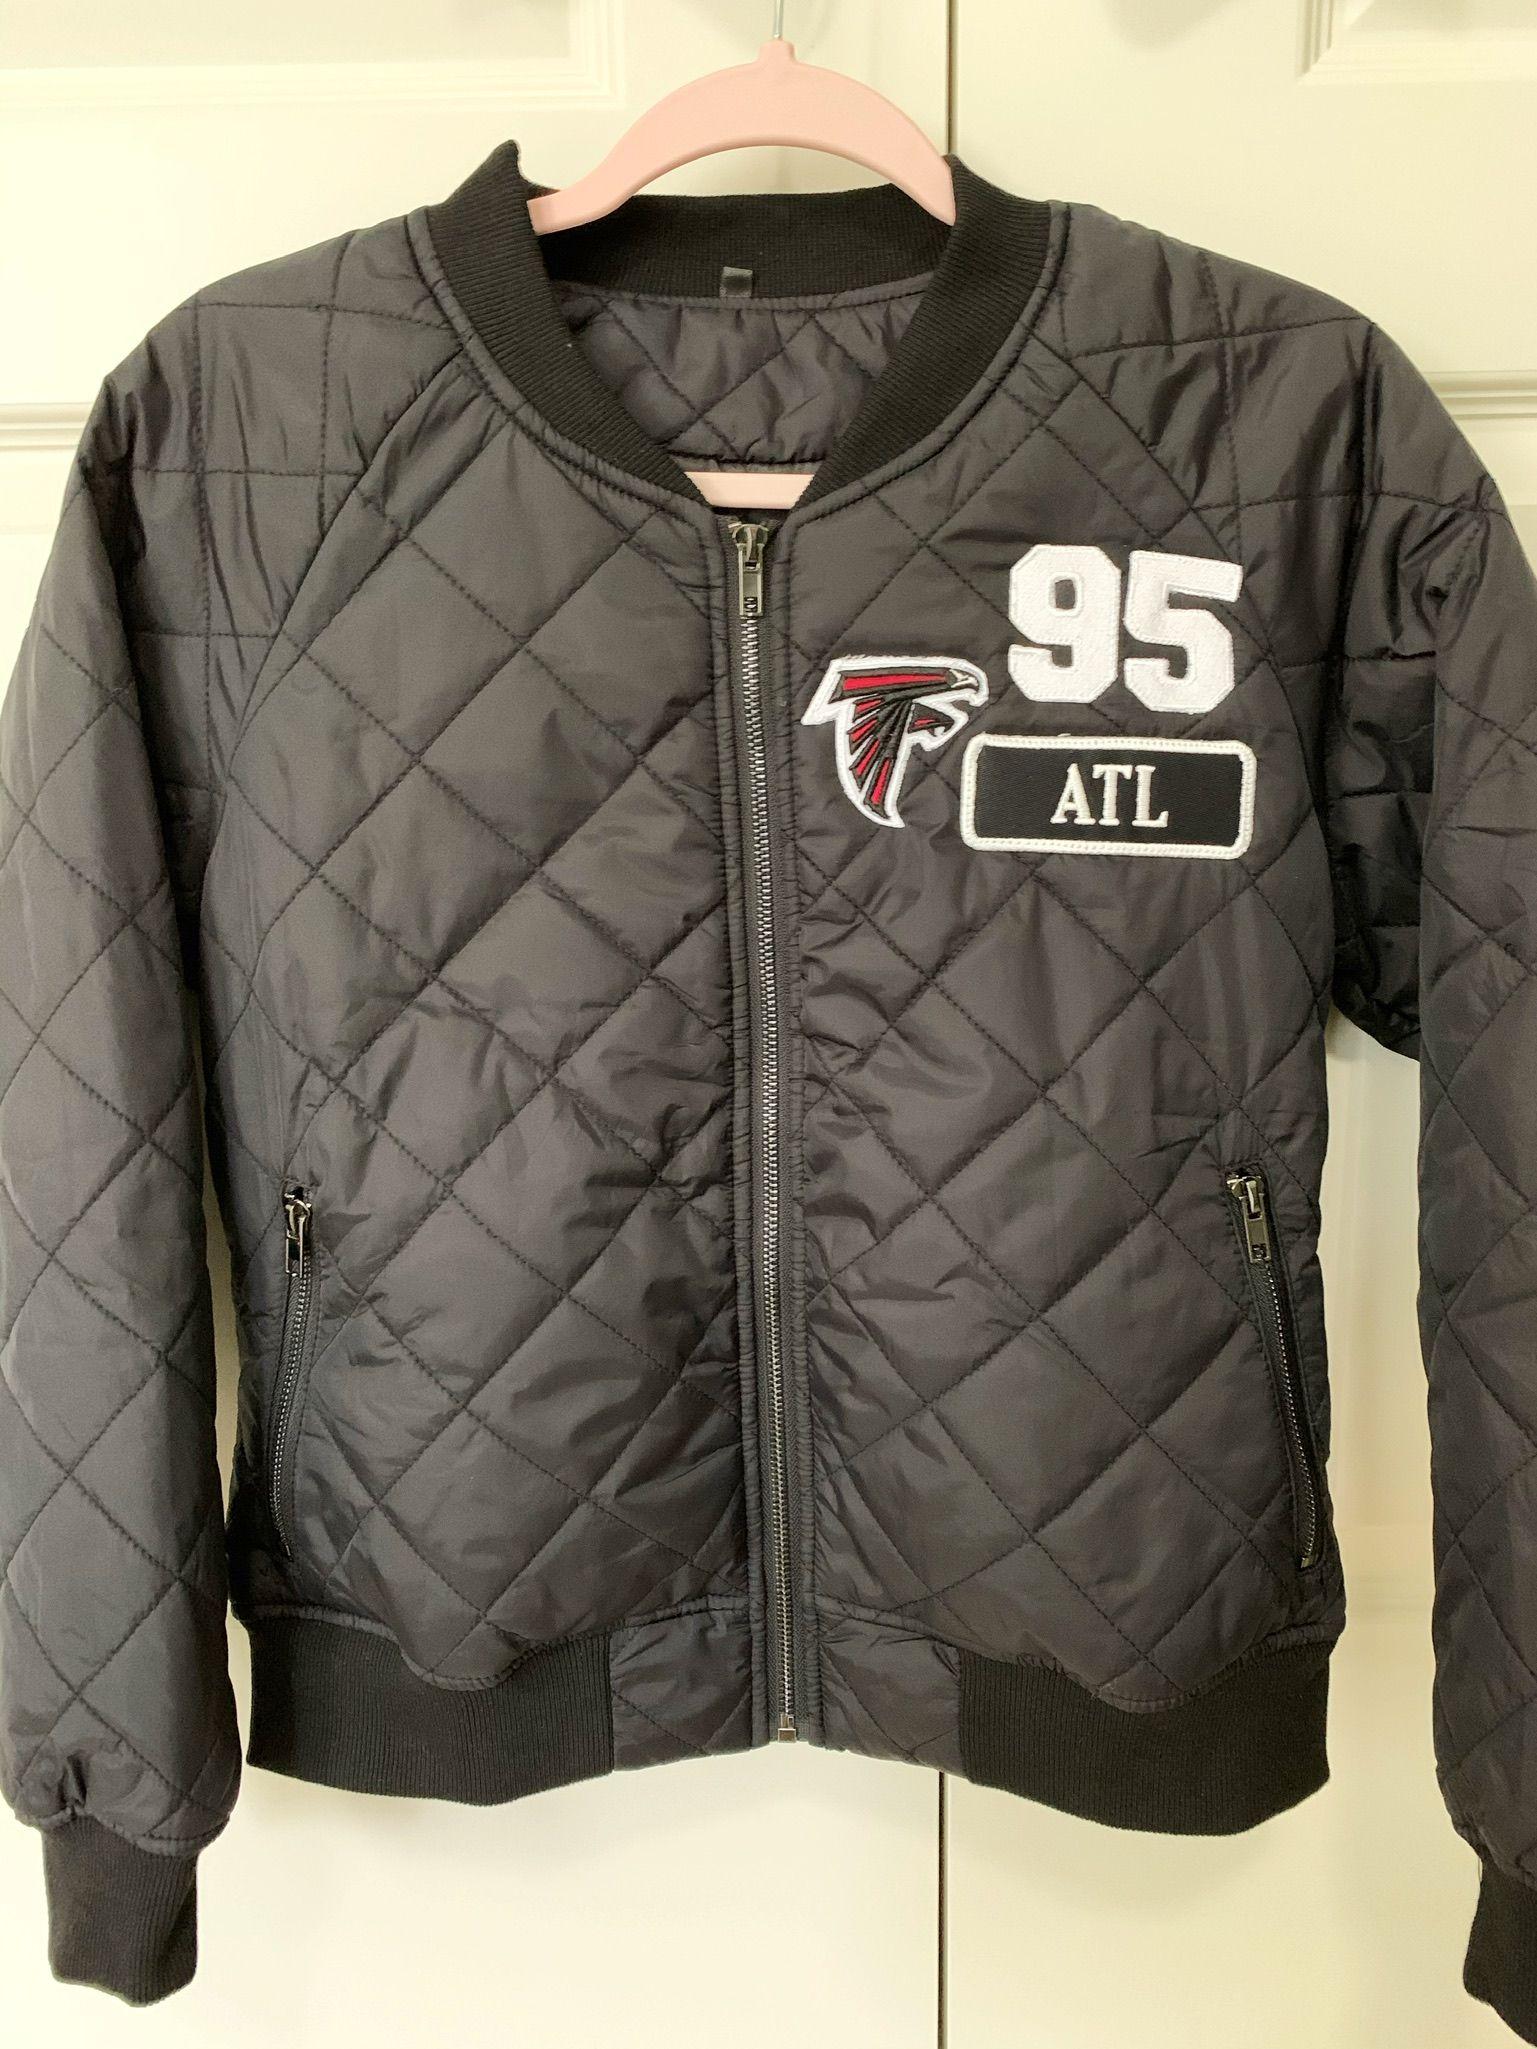 Jack Crawford Atlanta Jacket Jackets Jackets For Women Leather Jacket [ 2049 x 1537 Pixel ]